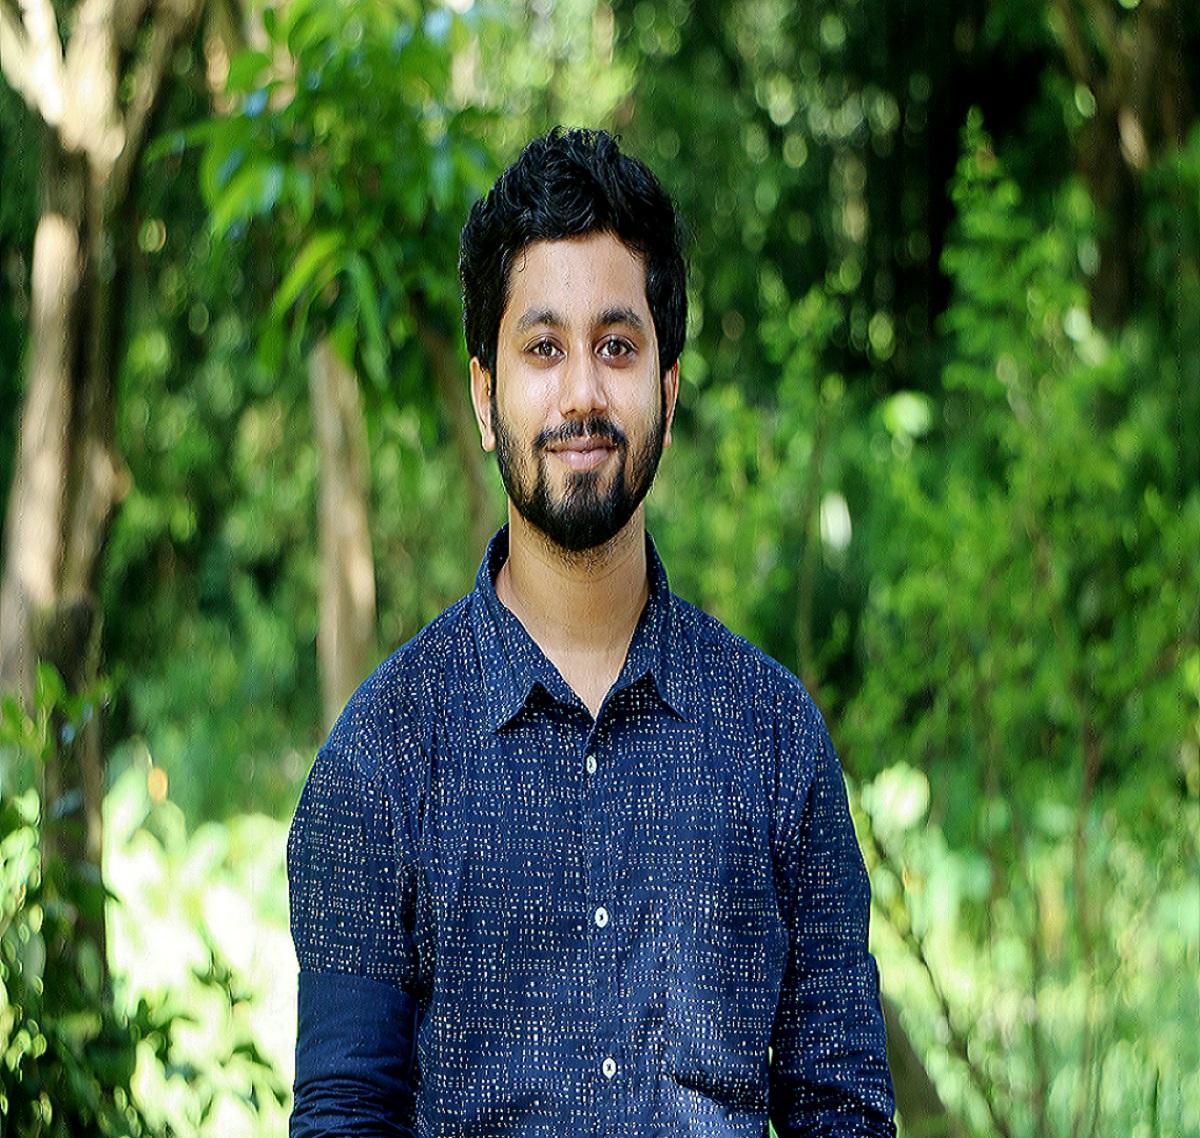 Turjoy Sengupta